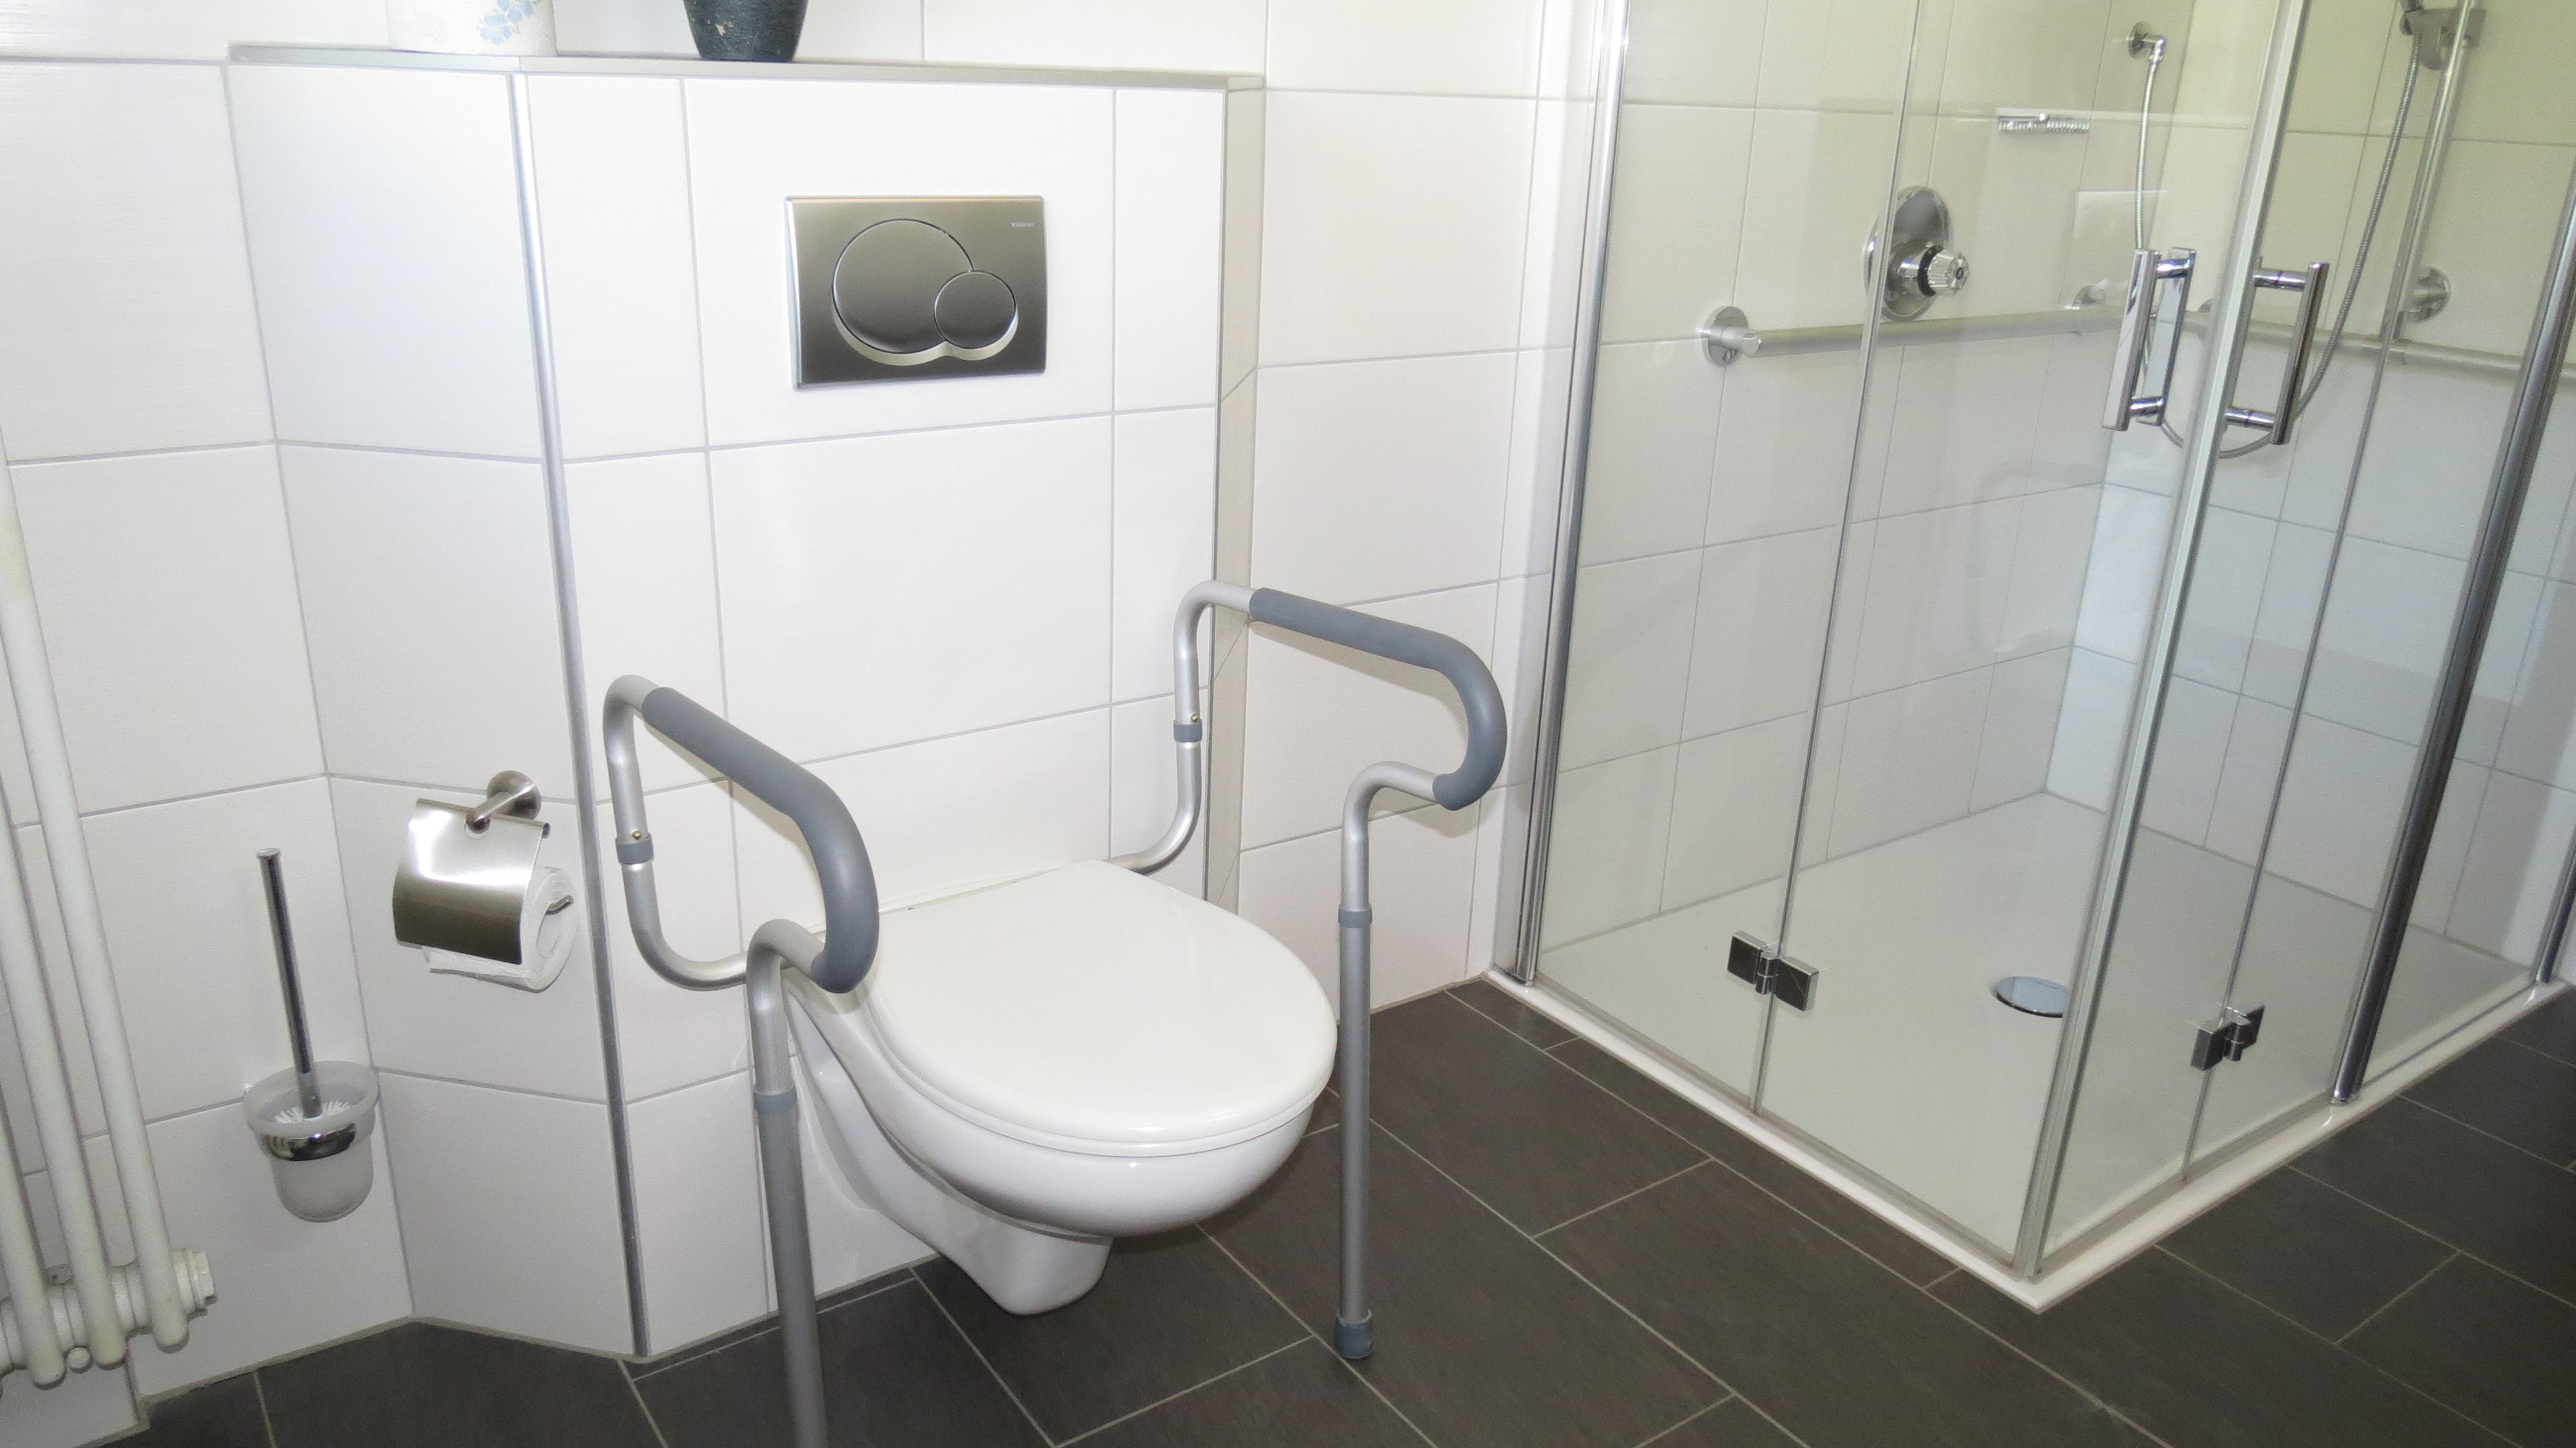 Stützgriffe an der Toilette